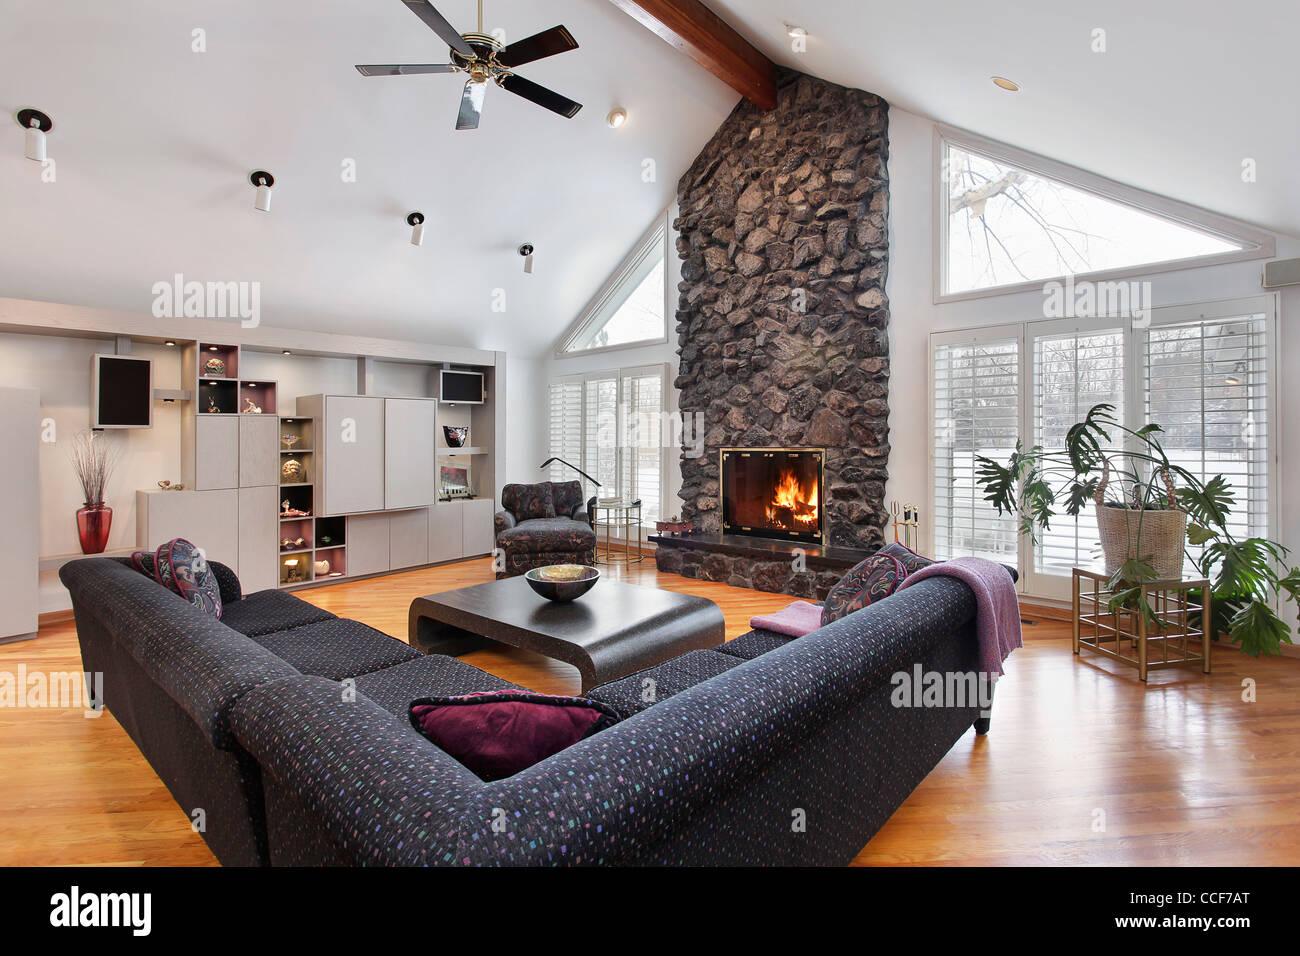 familienzimmer mit zwei geschichte steinkamin und holzbalken - Steinkamin